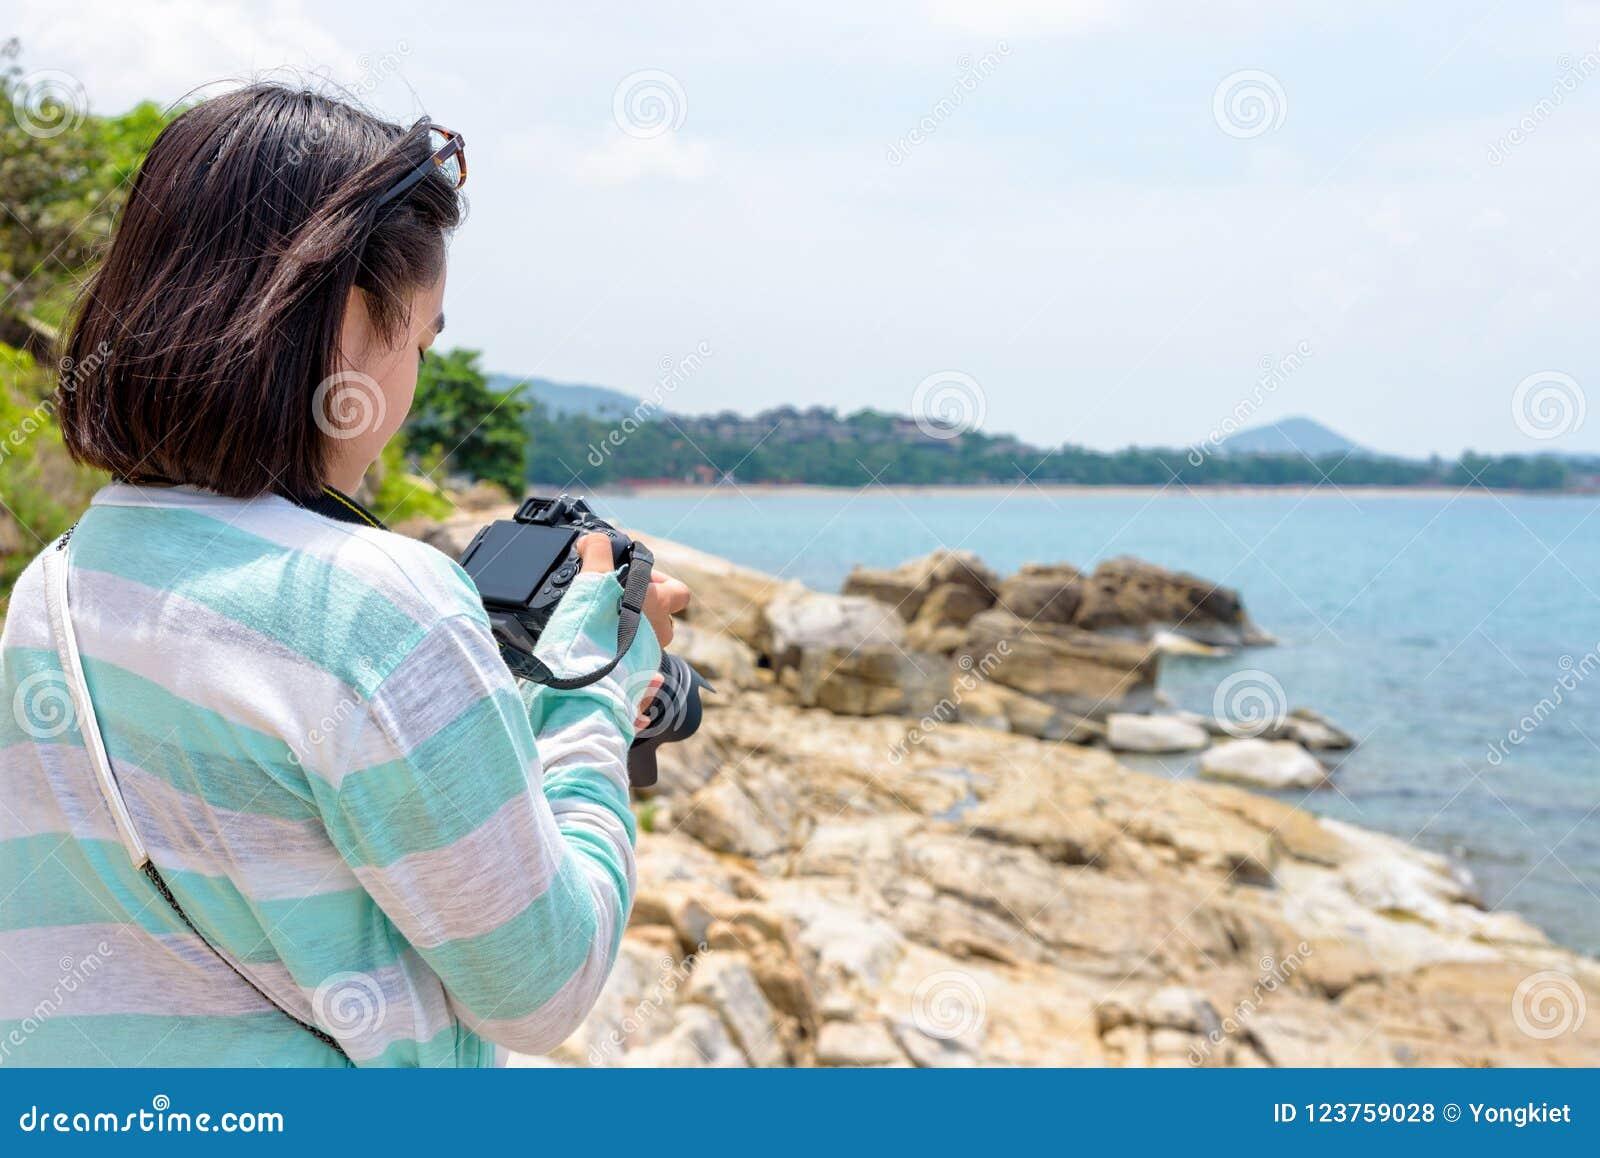 Fotografi för ung kvinna nära havet